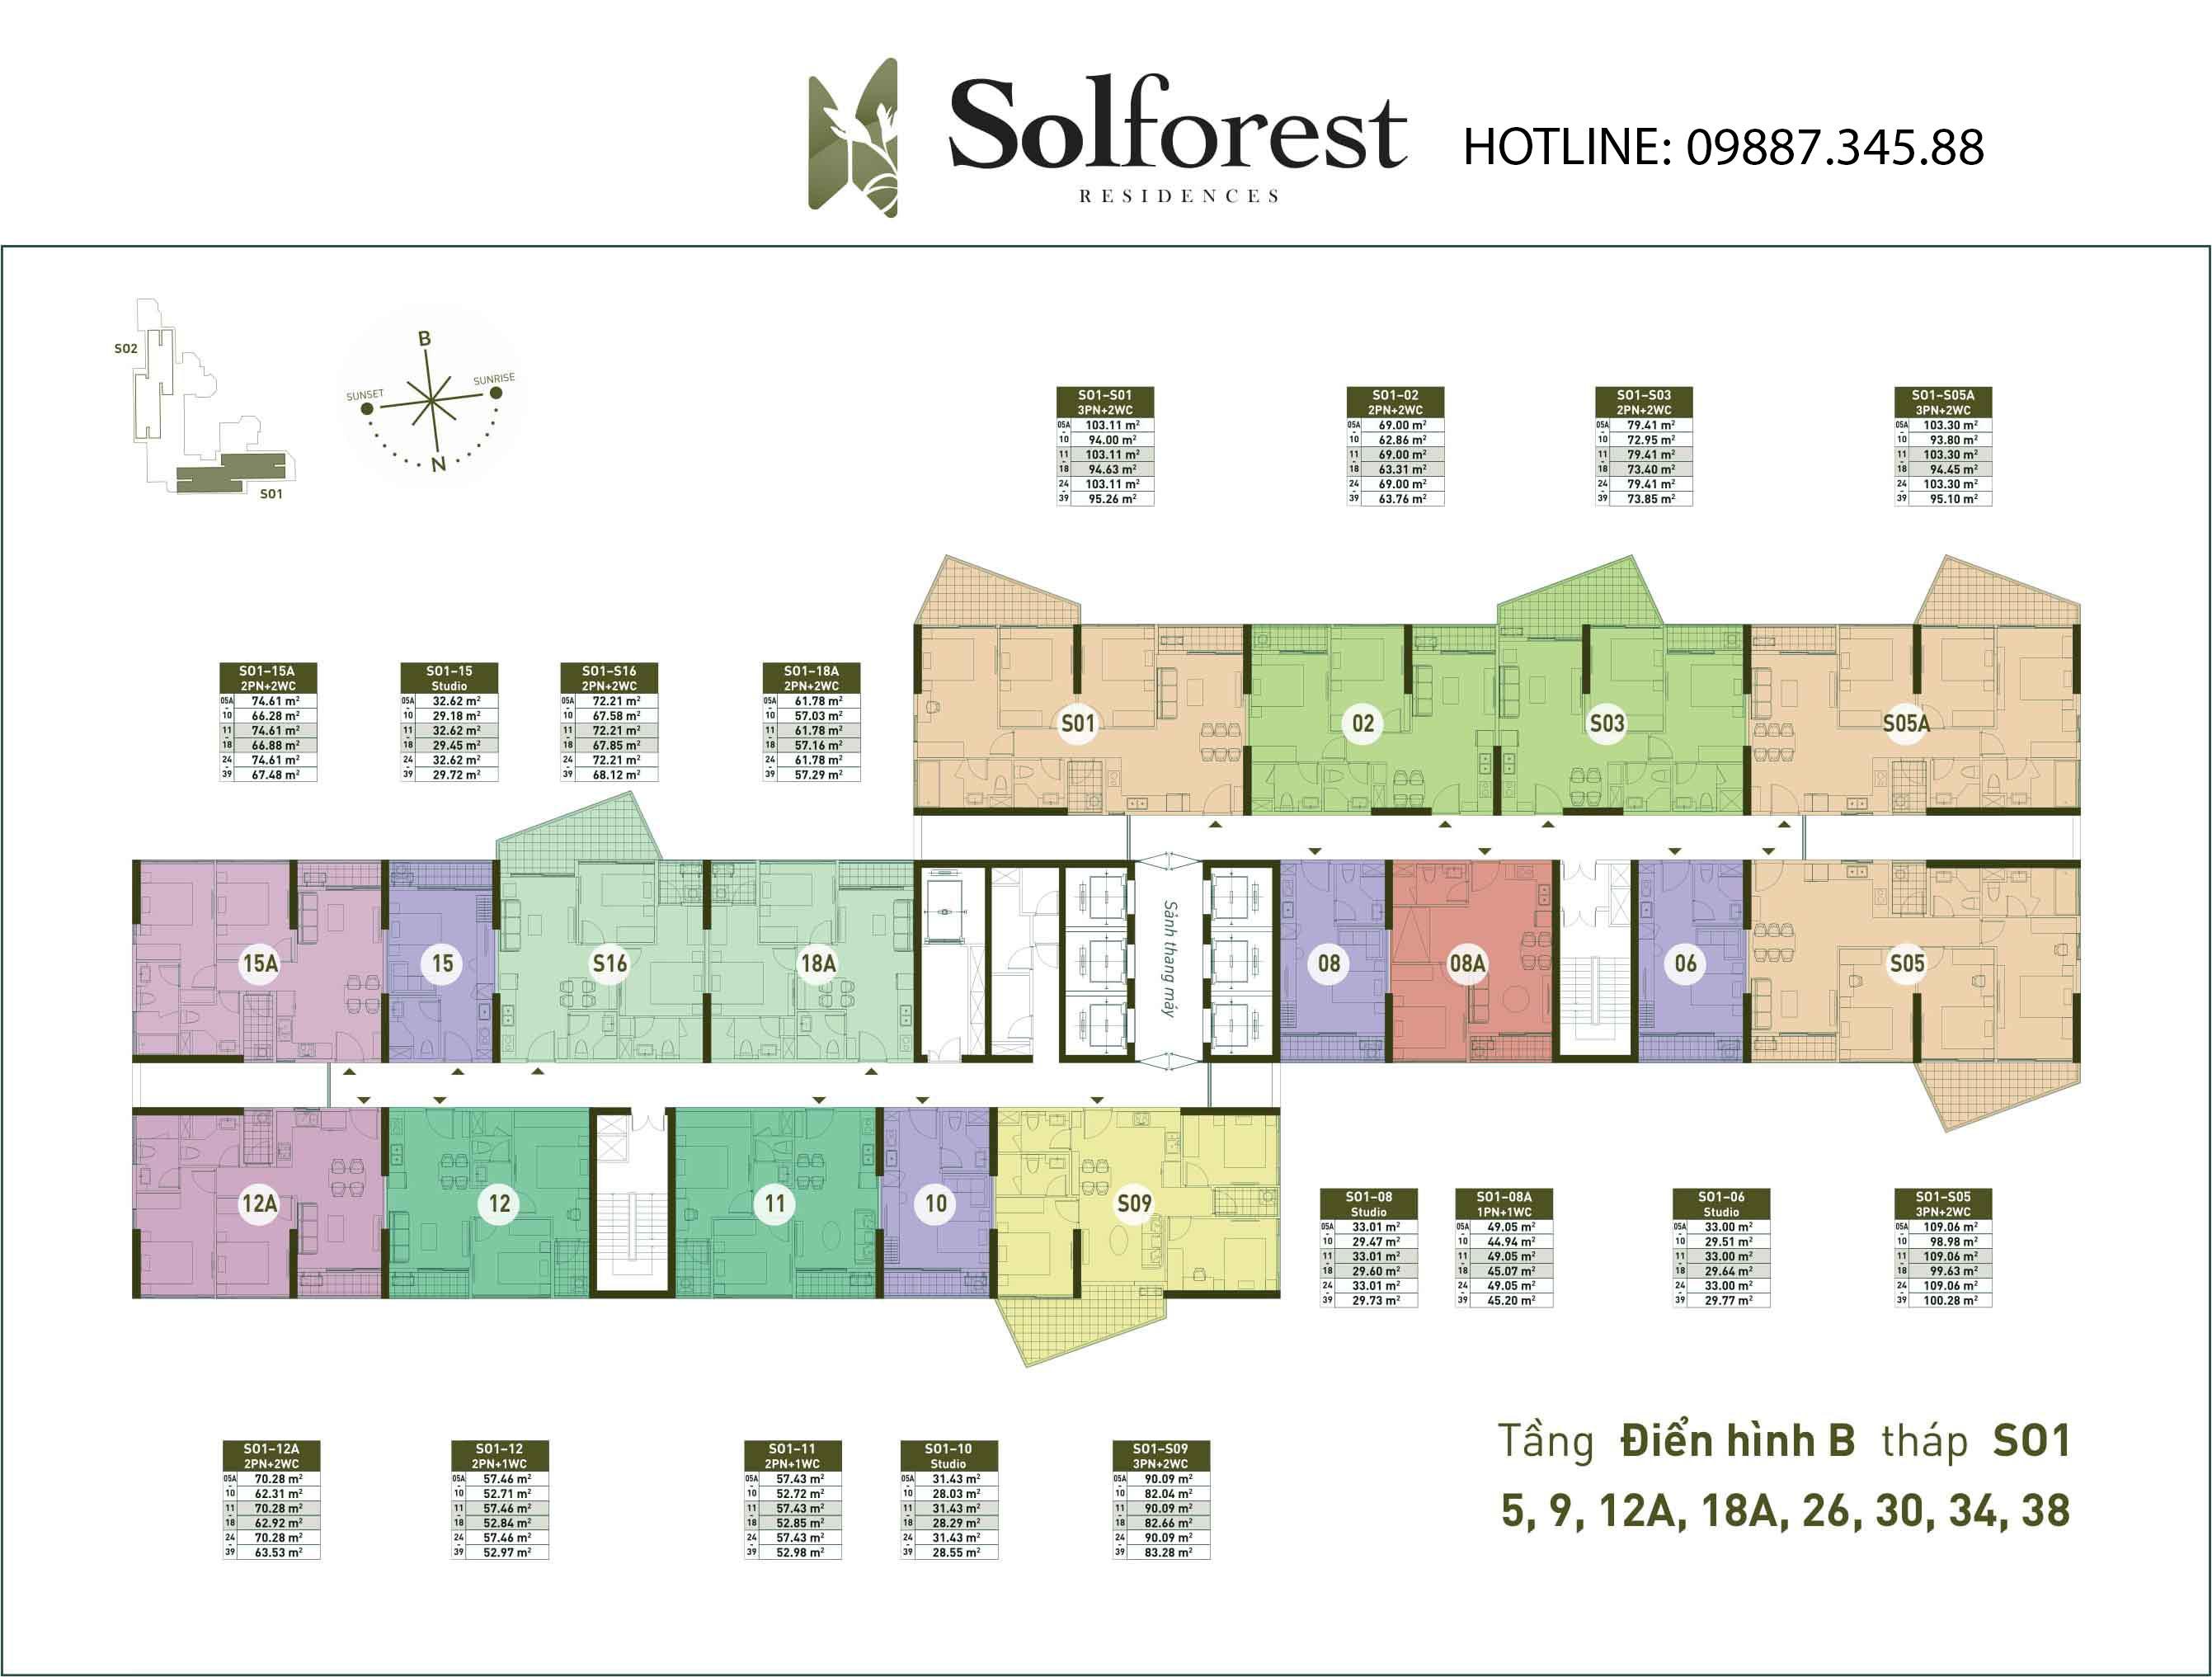 Mặt Bằng Điển Hình B Tháp So1 Solforest Ecopark